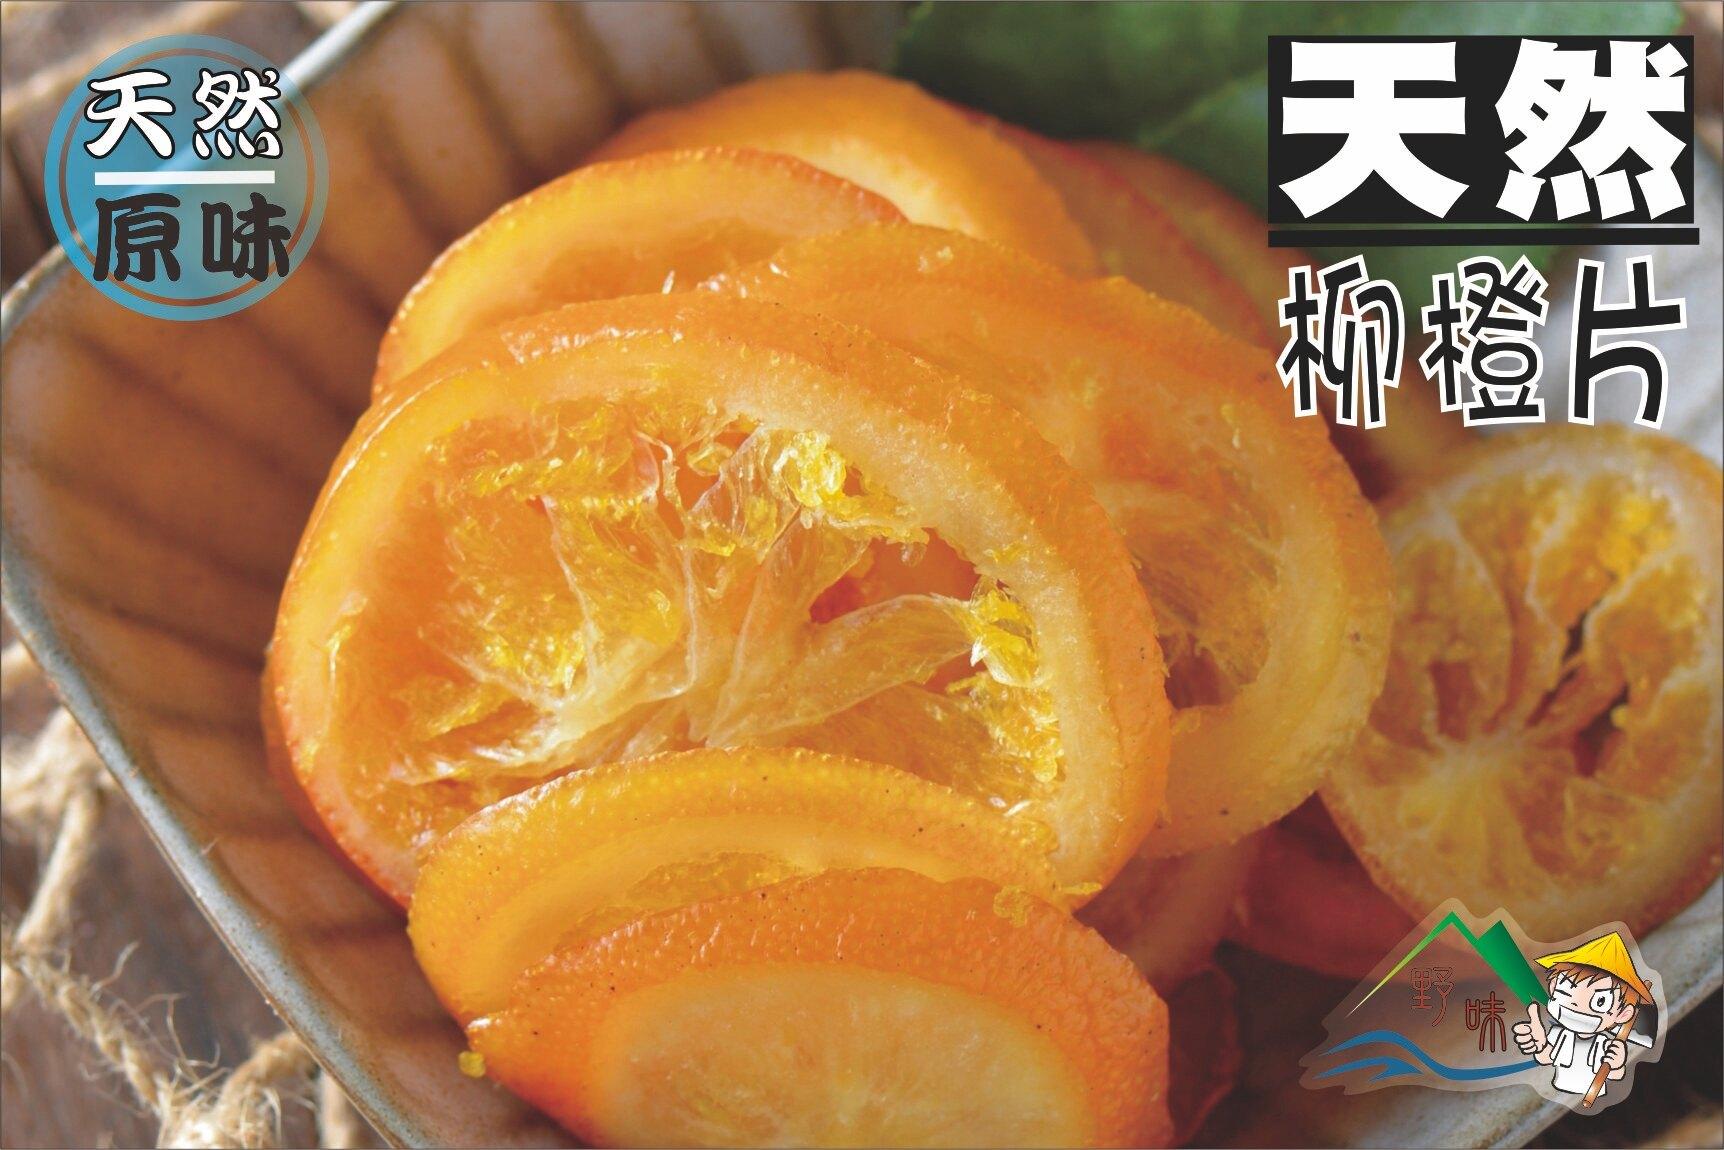 【野味食品】柳橙片(香橙片、柳橙乾)165g/包,470g/包(桃園實體店面出貨)